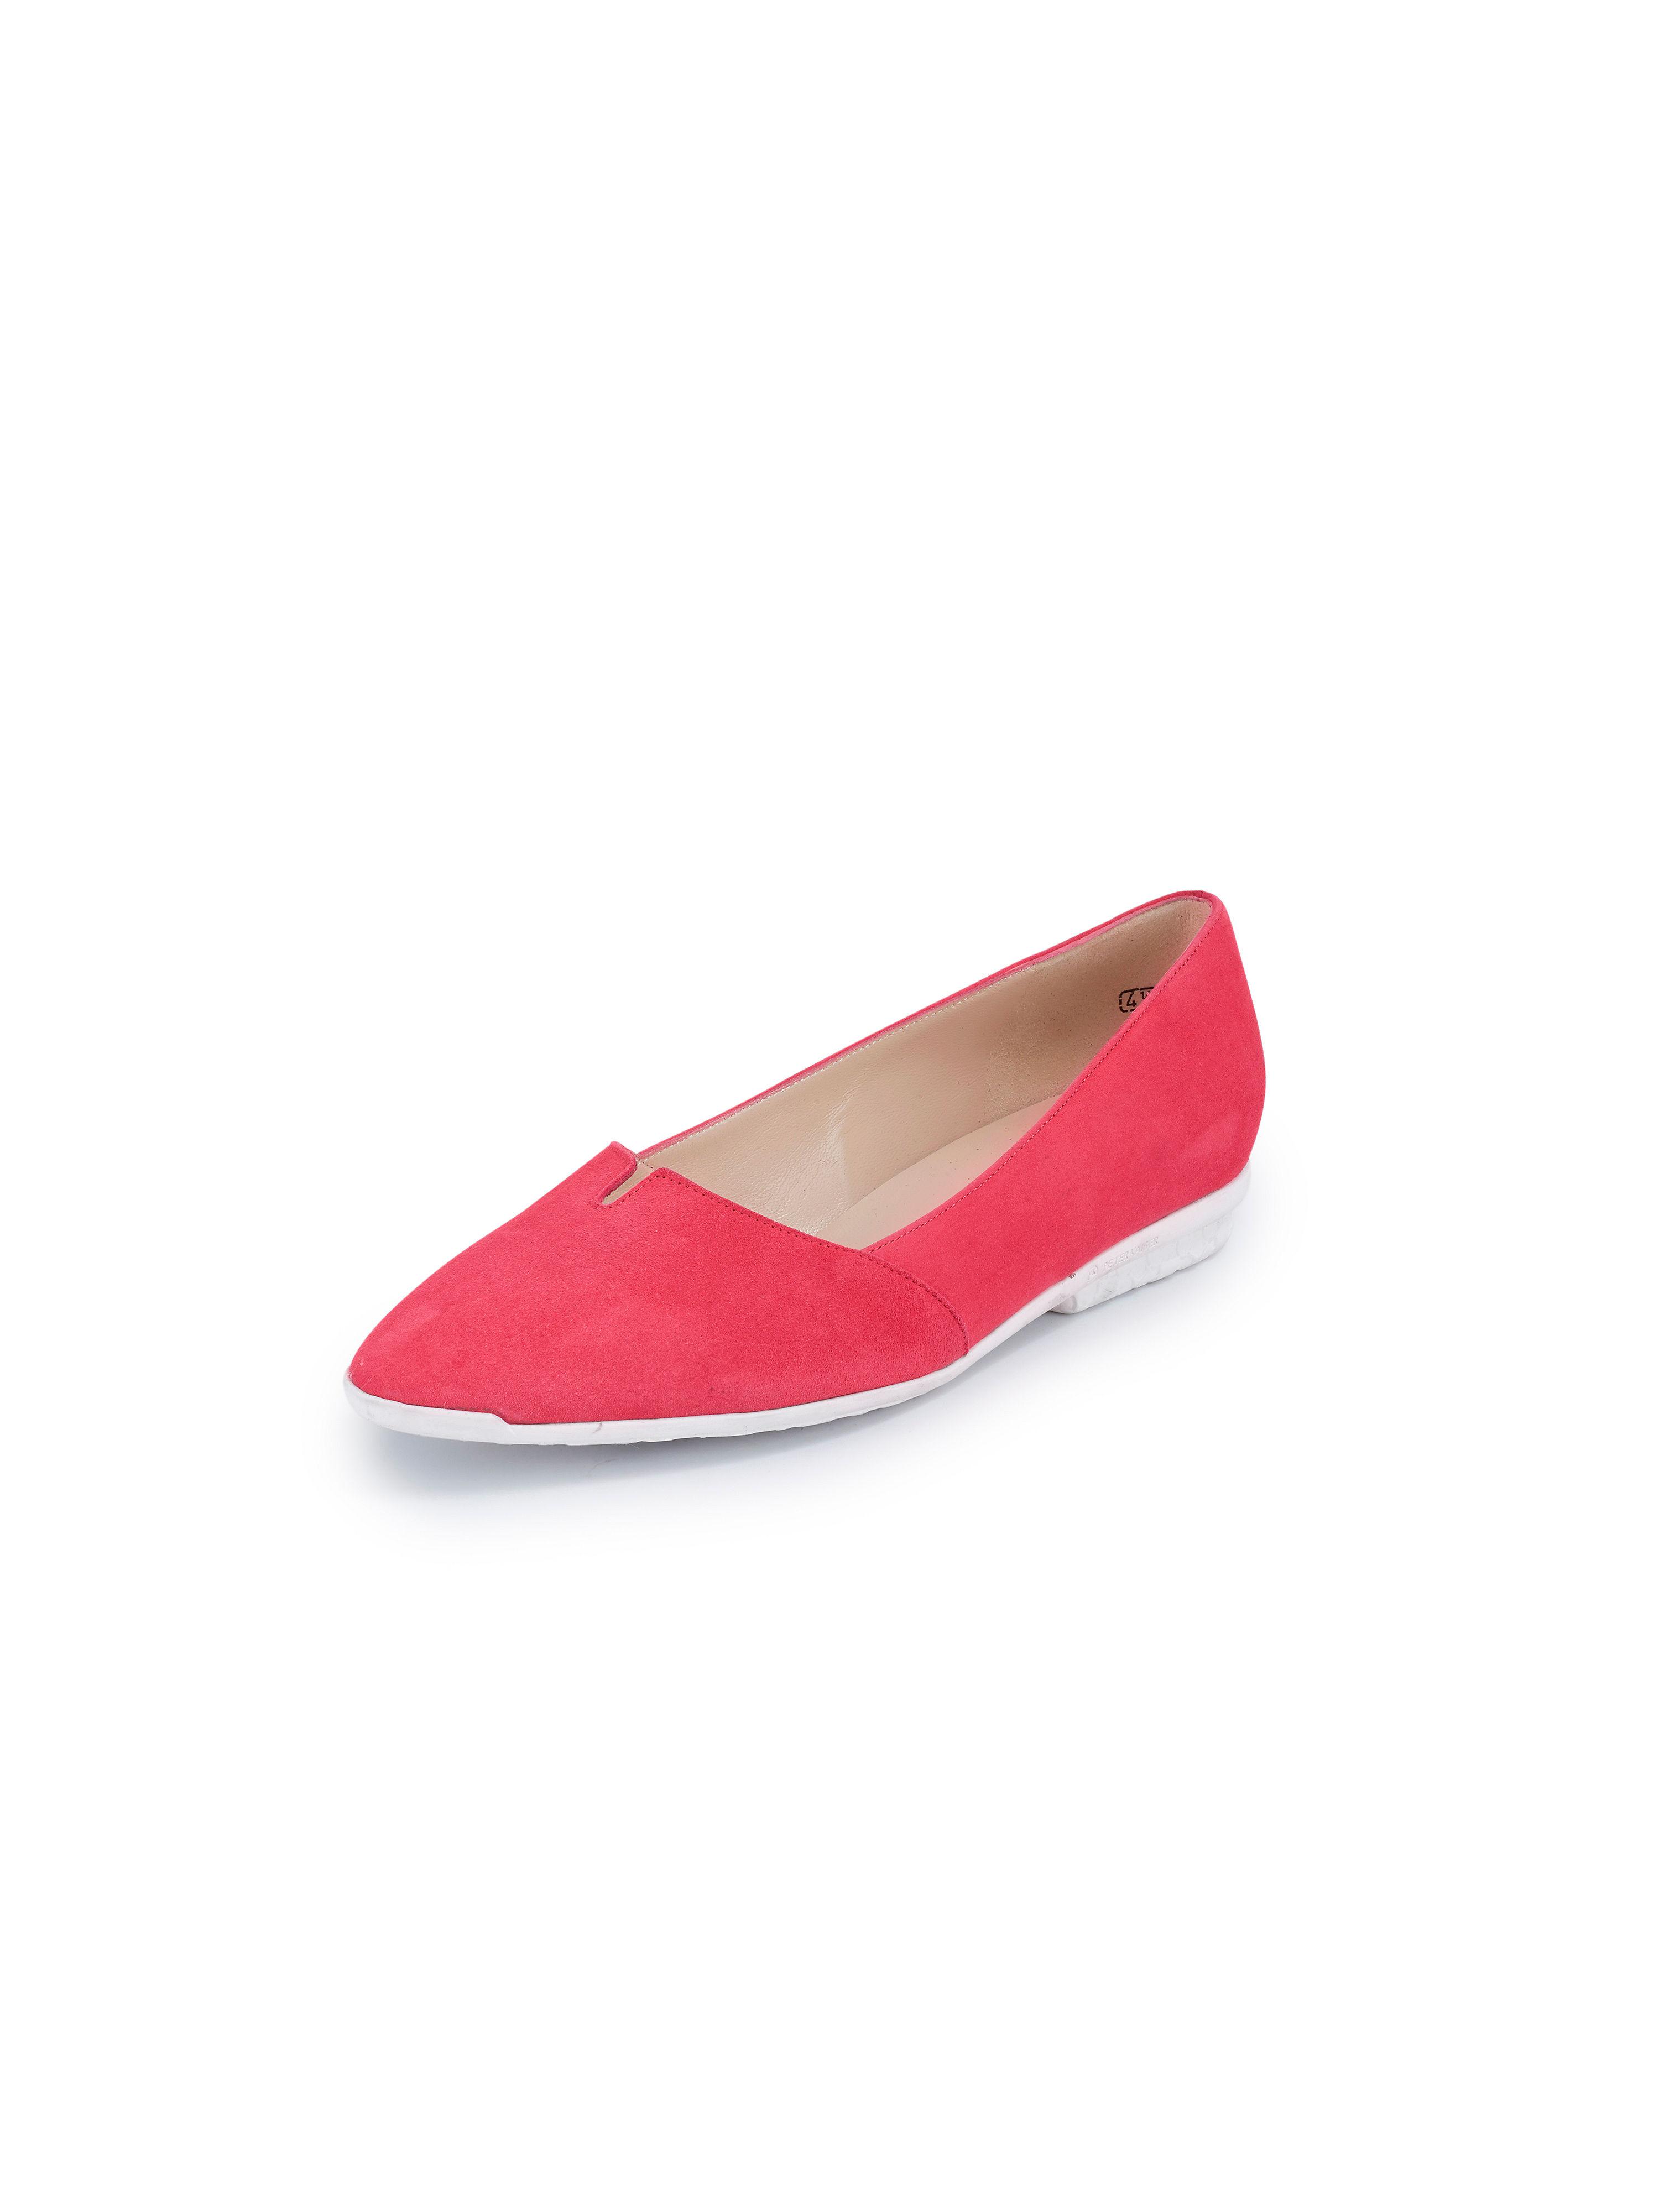 Slipper Peter Kaiser Plus pink | Schuhe > Slipper | Peter Kaiser Plus